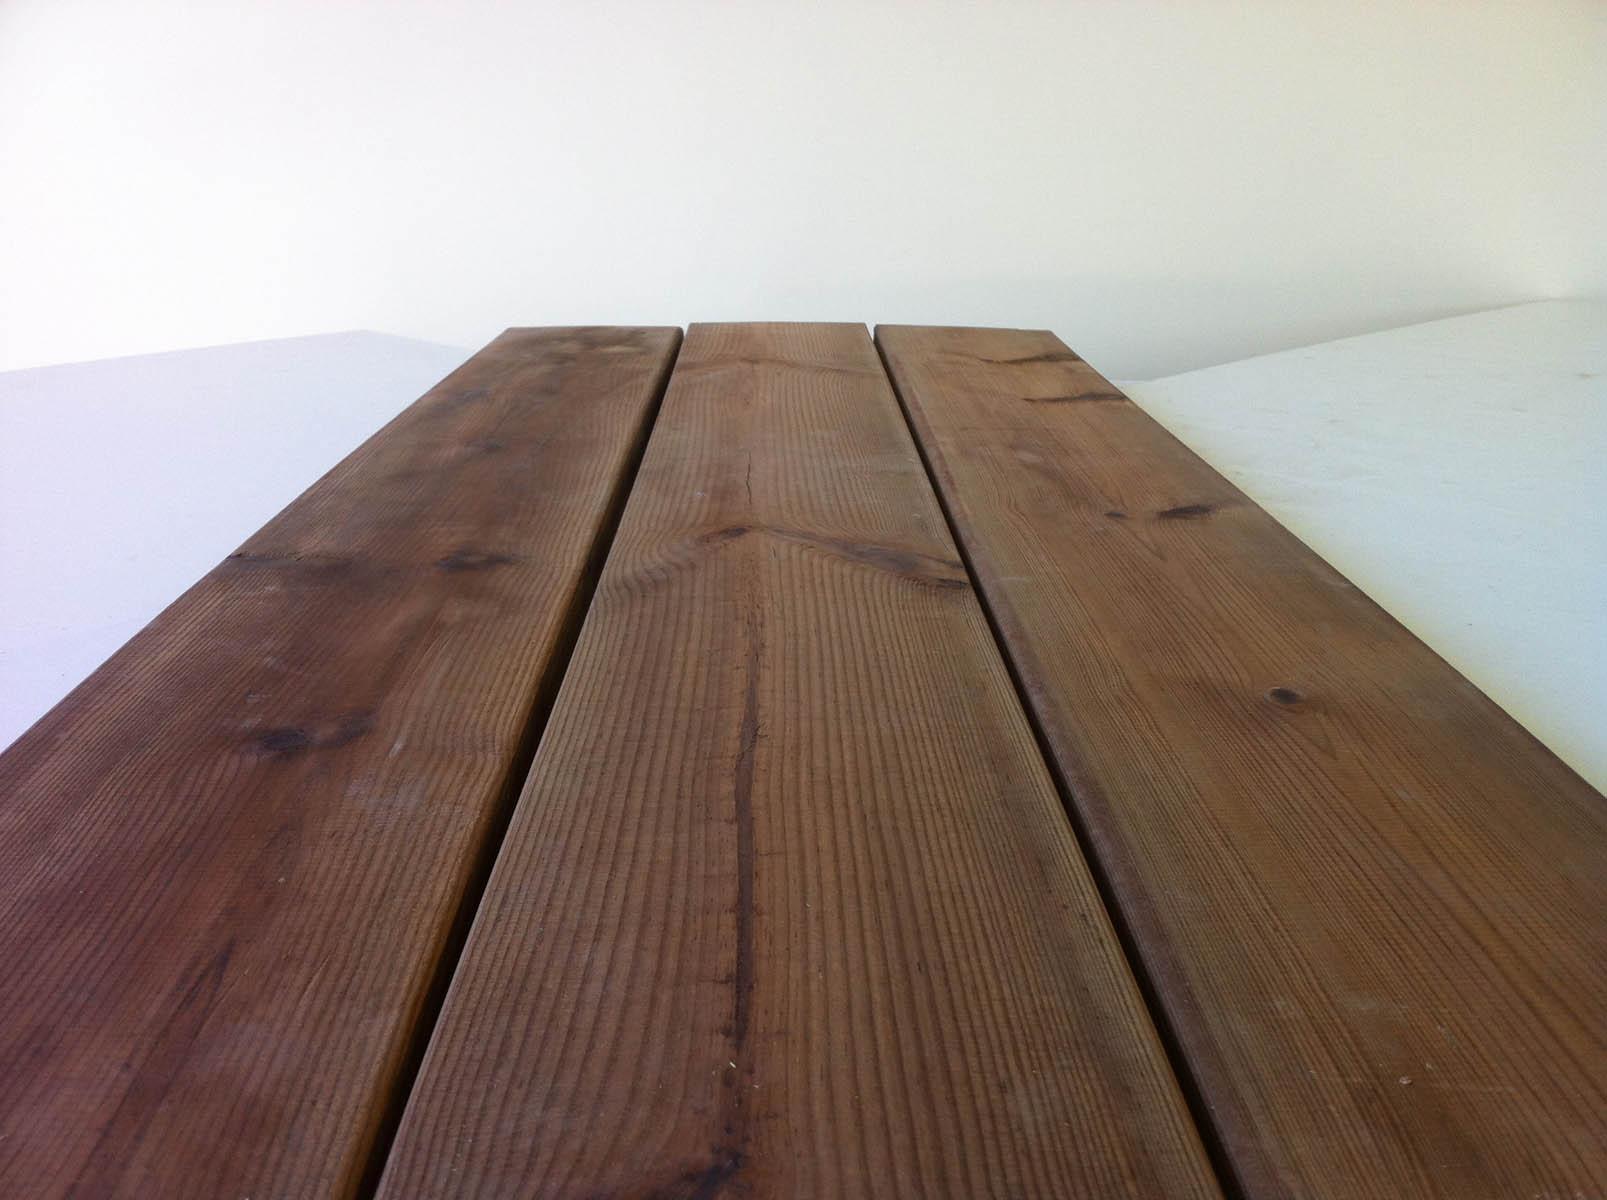 Traitement Terrasse Pin Autoclave quelle essence de bois choisir pour votre terrasse?